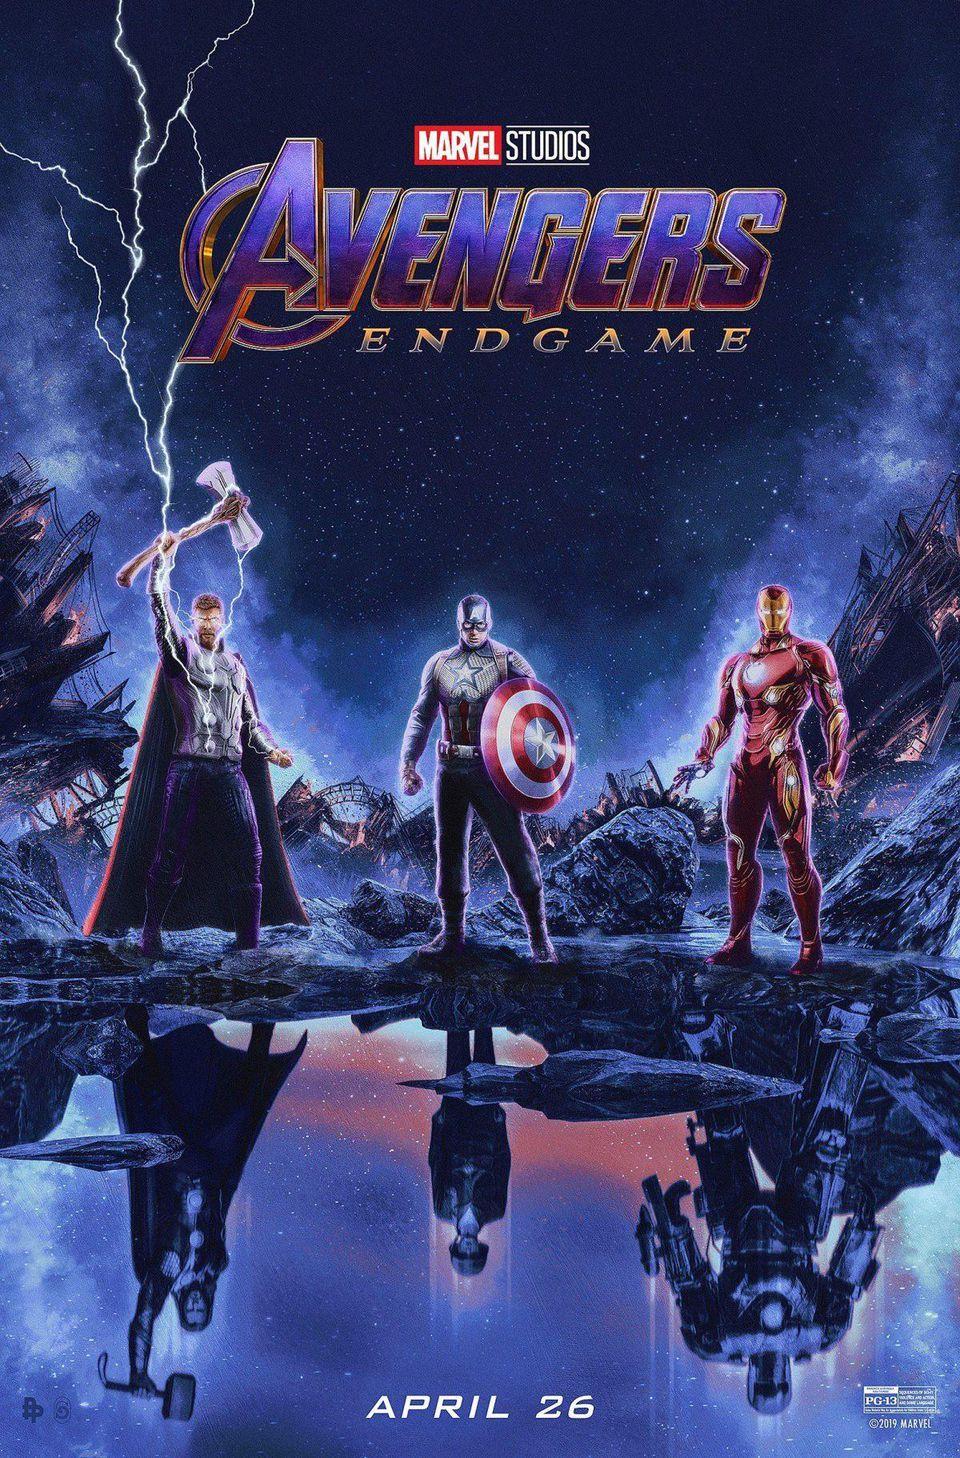 Avengers: Endgame (2019) posters - Avengers: Infinity War 1